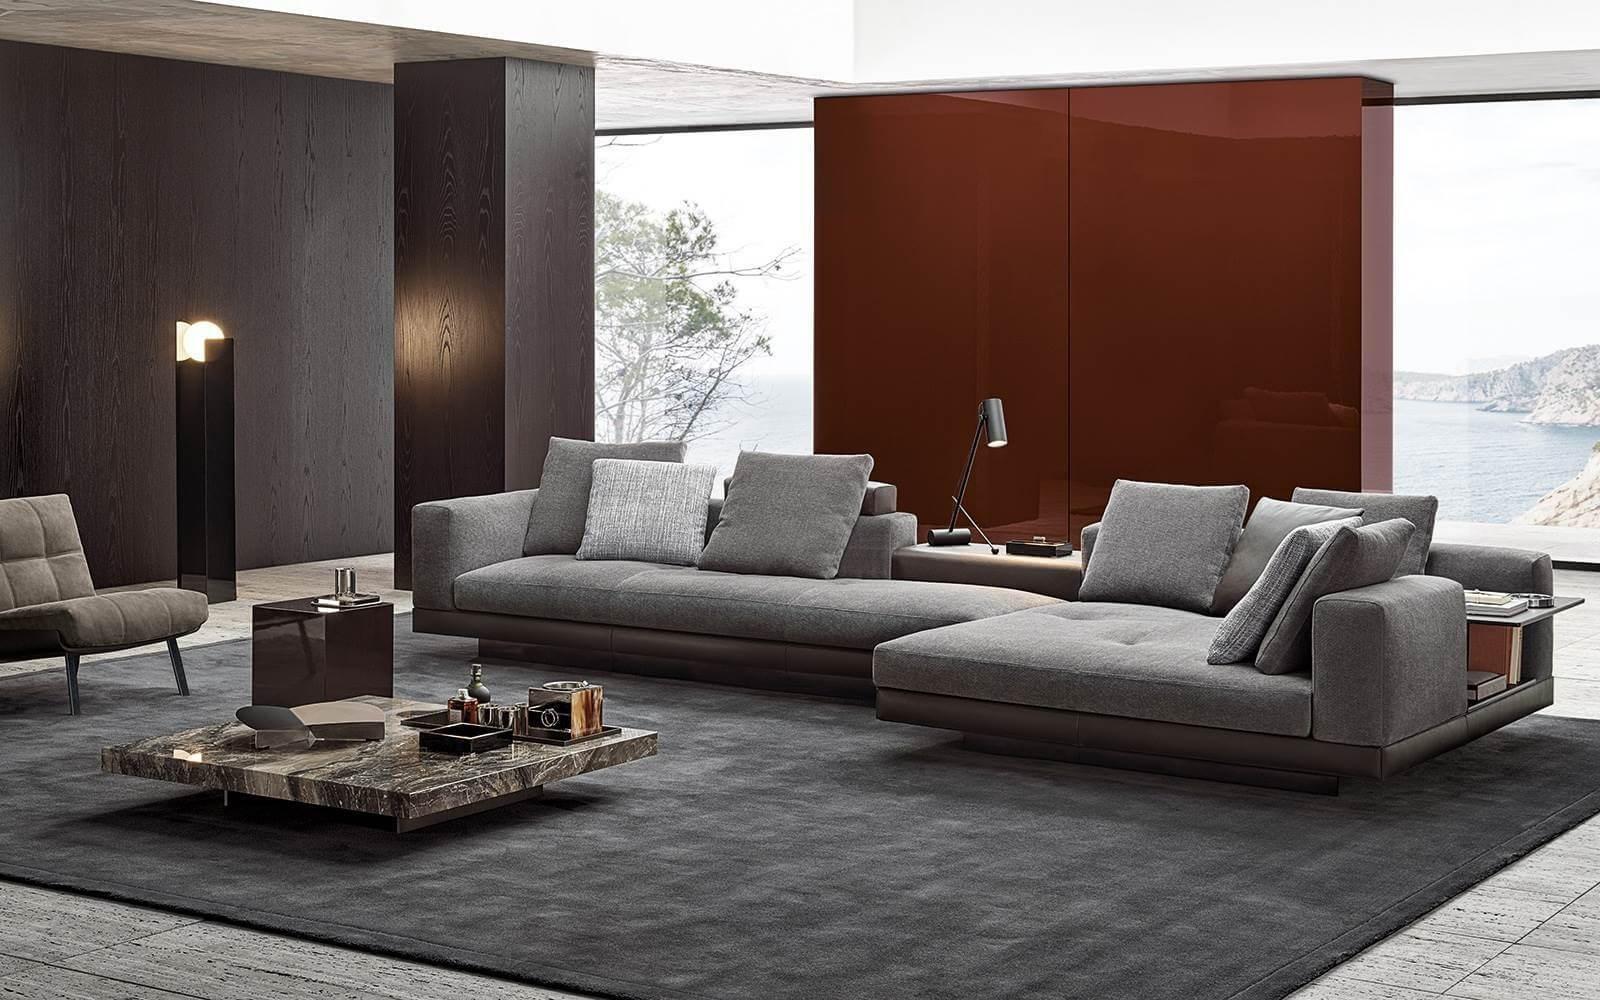 現代風格沙發 L型沙發尺寸 PLAY SOFA 頑沙發 凱瑞斯 Kerrys 精品沙發推薦